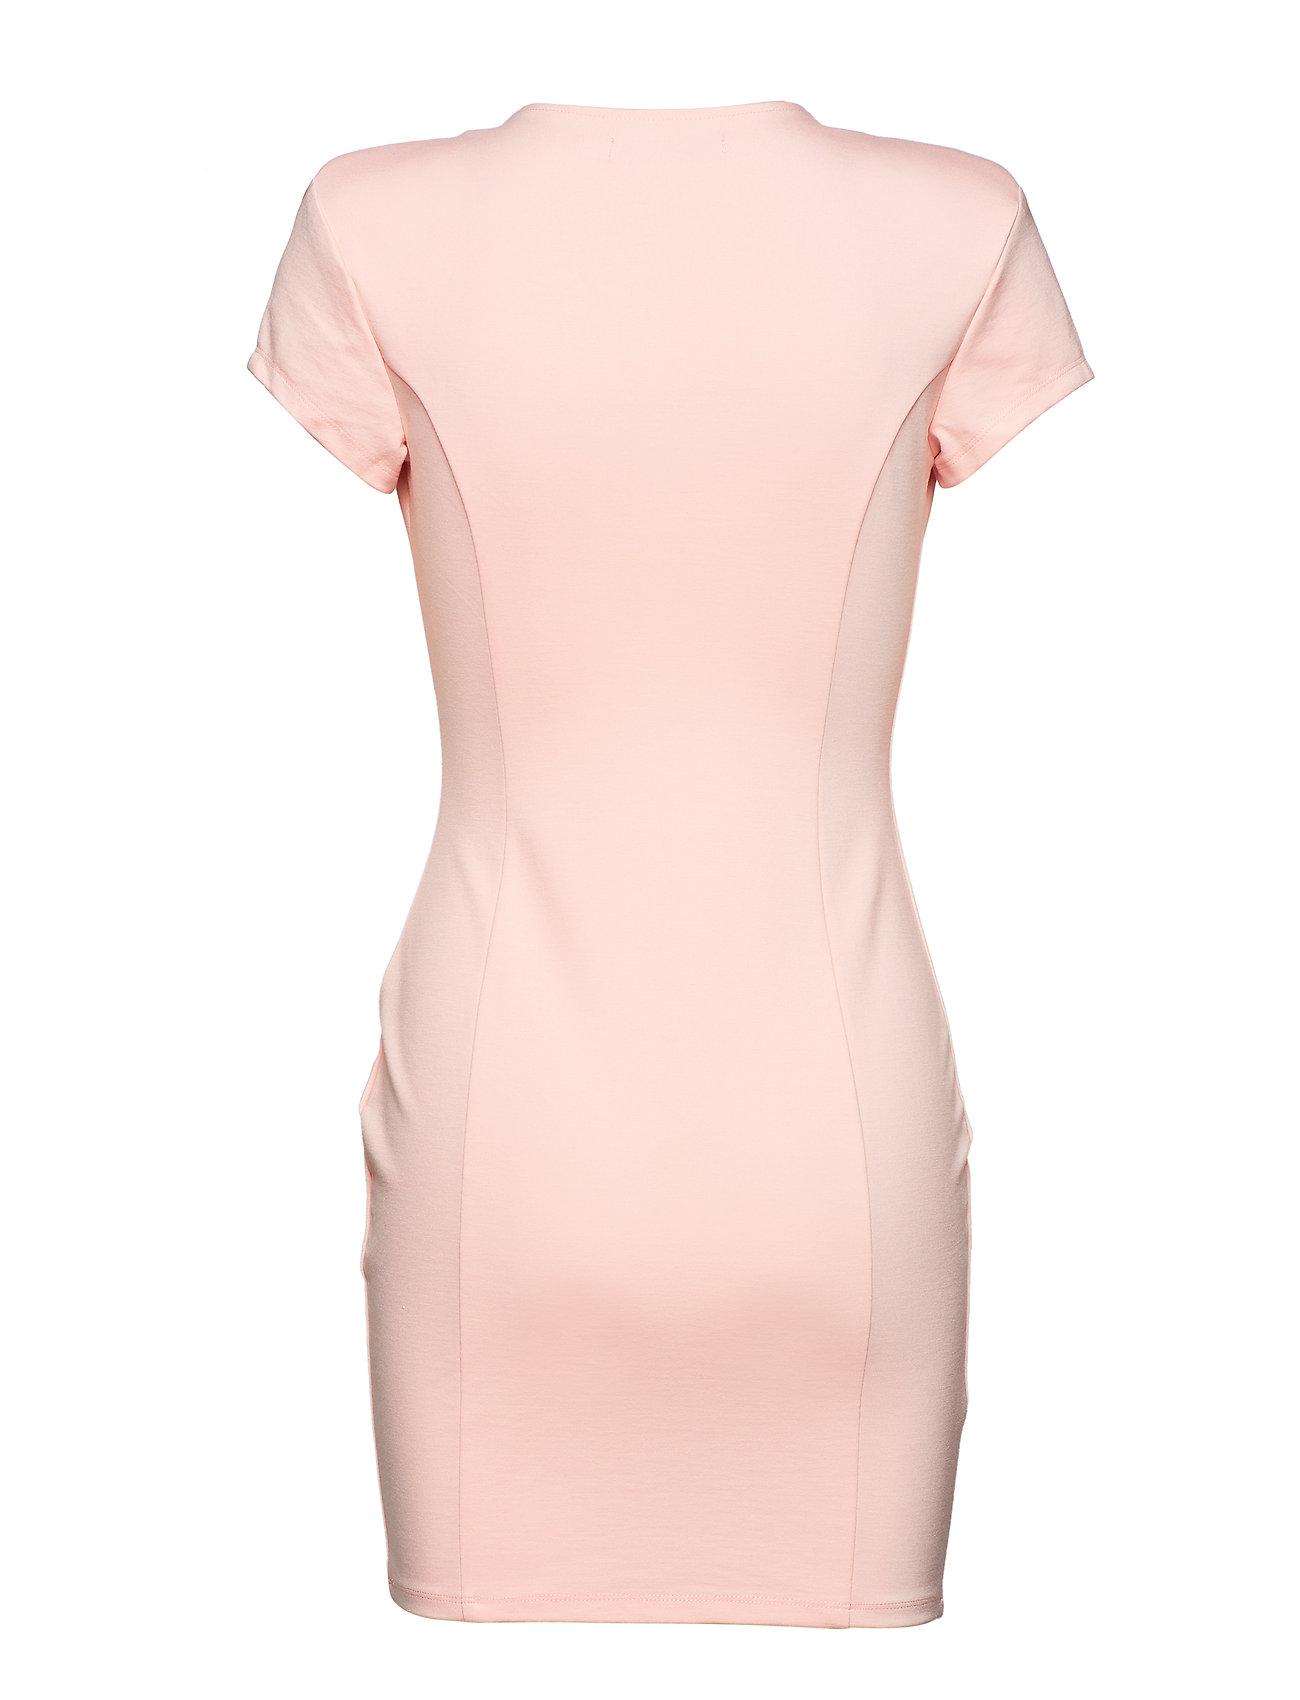 Plunge Dresslight Mini PinkIvyrevel Sleeve Capped YH2DWE9I